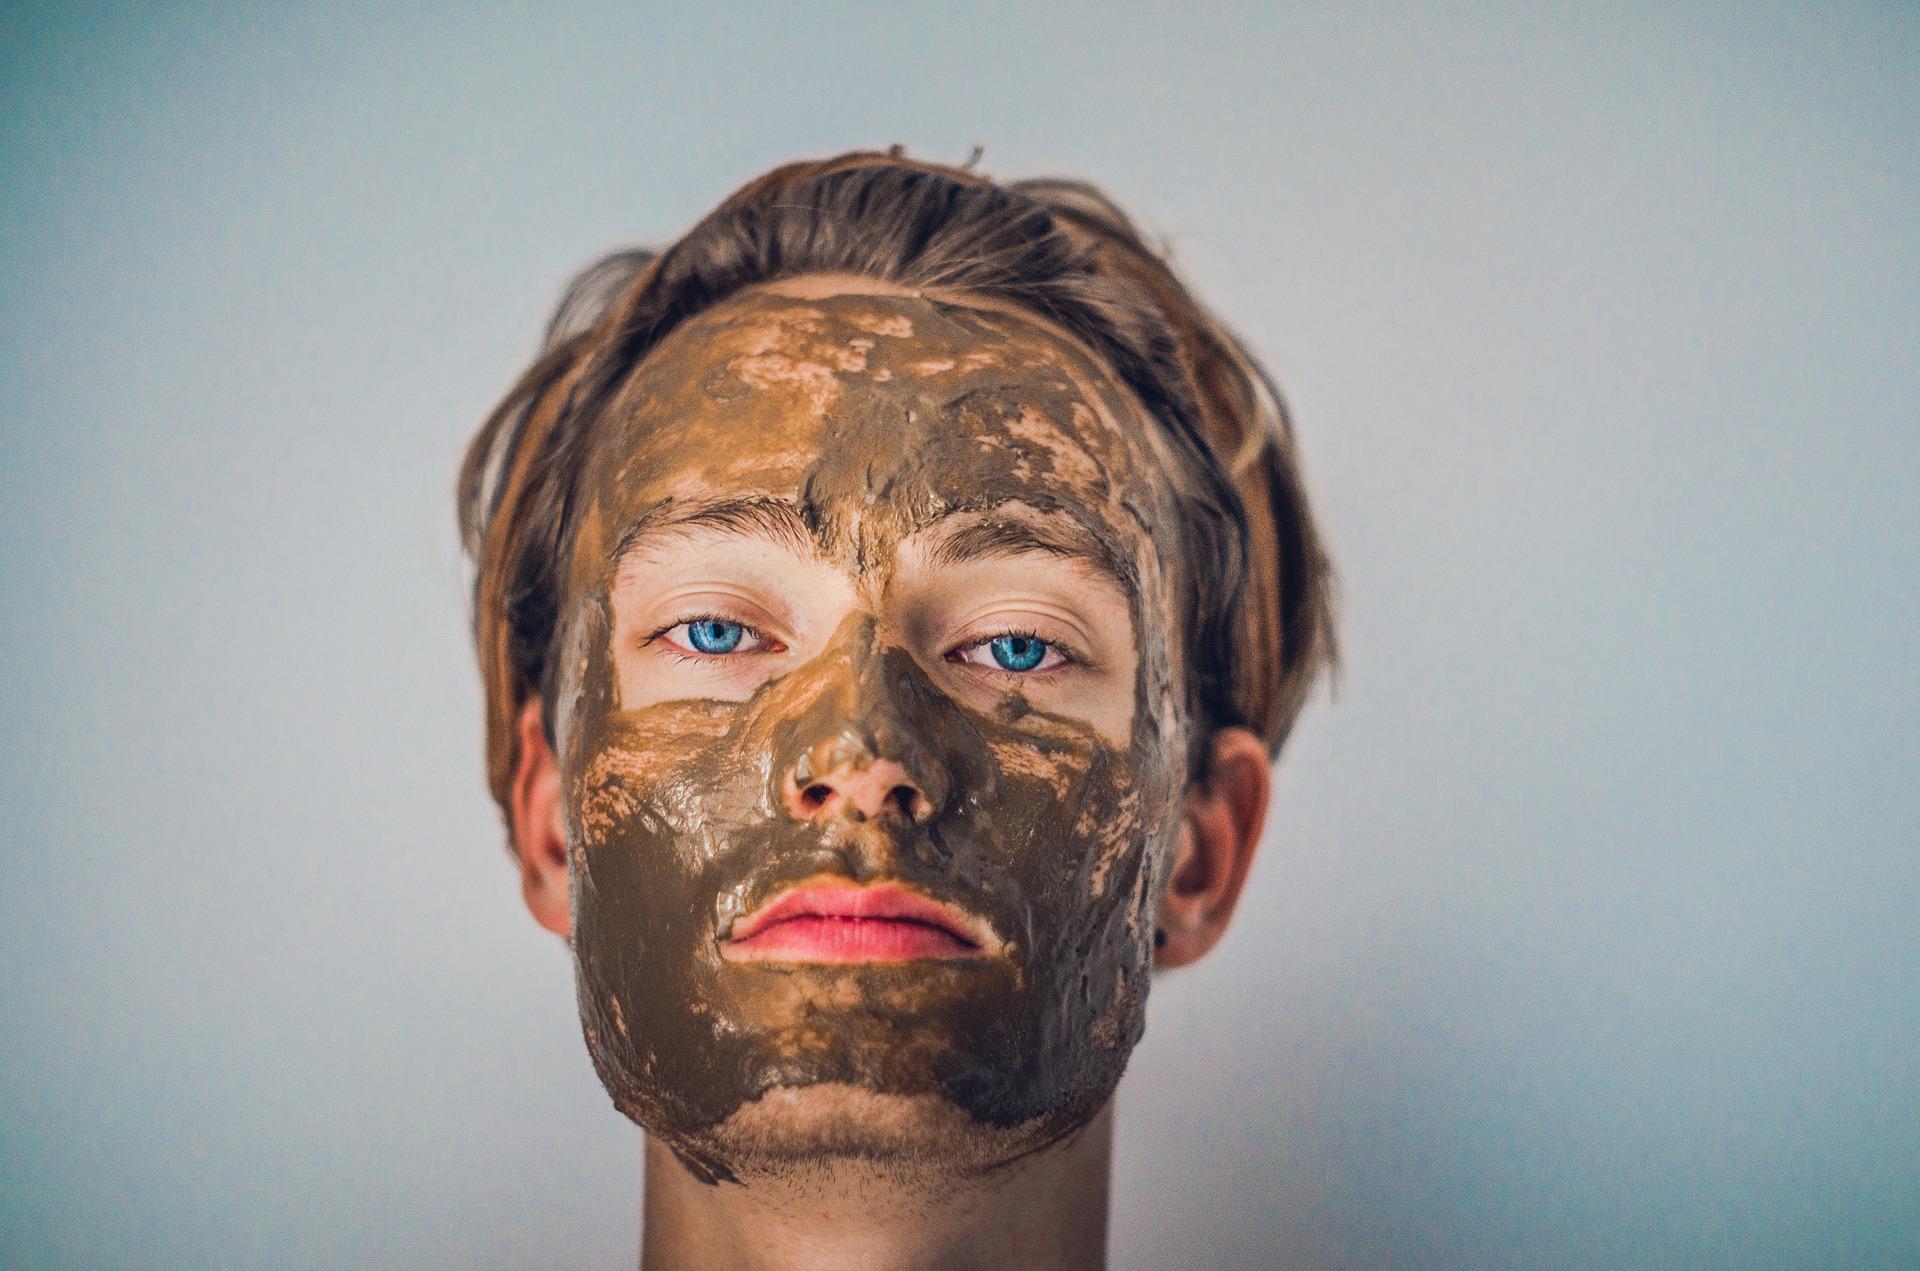 למה מורחים על העור את הבוץ של ים המלח?